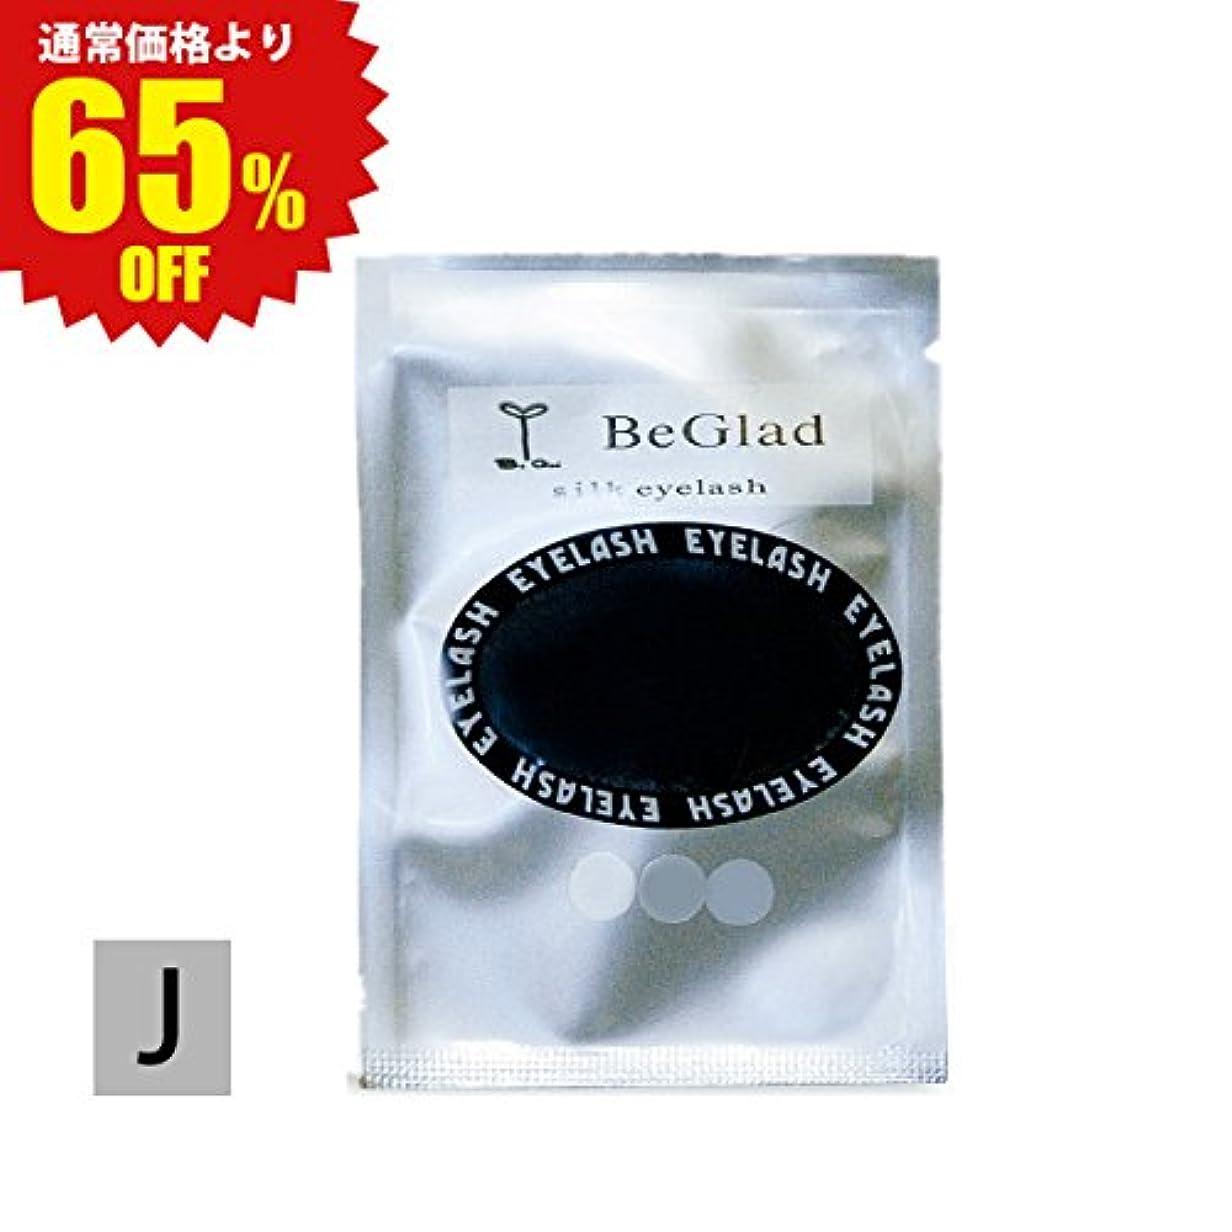 要件影響力のある小麦粉まつげエクステ シルキータッチ(0.5g) マツエク (Jカール 0.10mm 12mm)